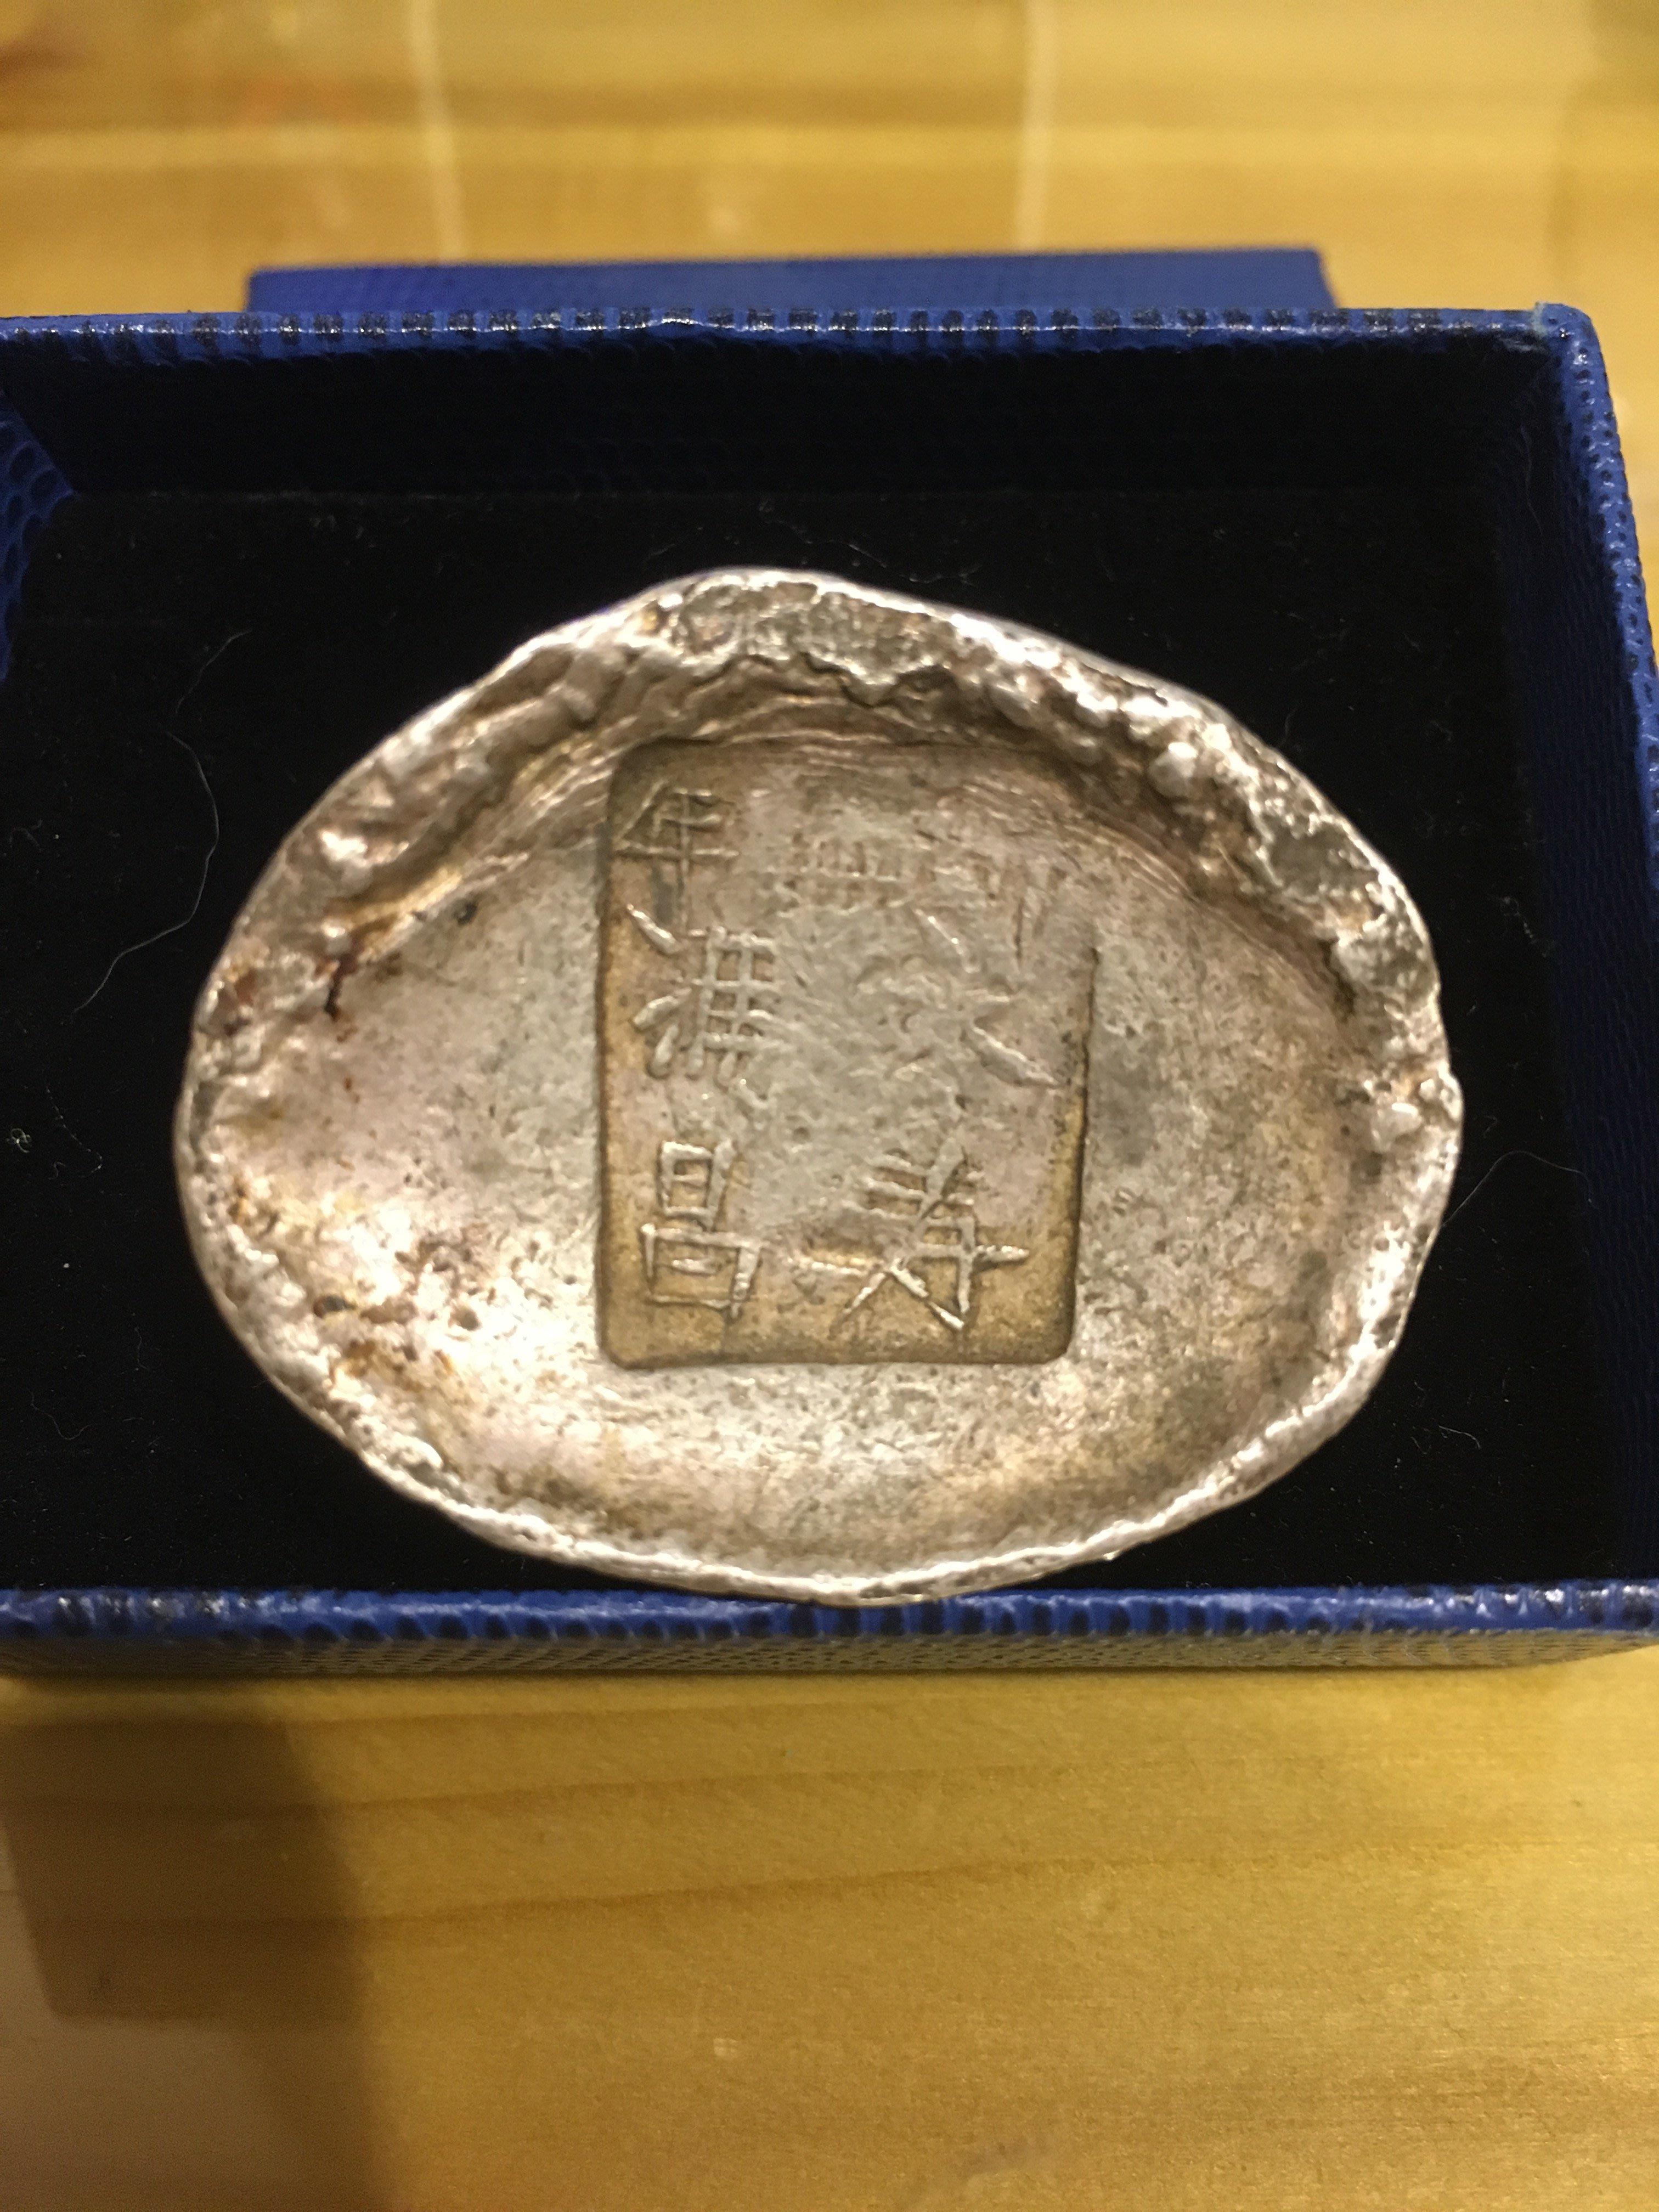 清代 銀錠 陝西 陜槽 元寶 約146克 清朝